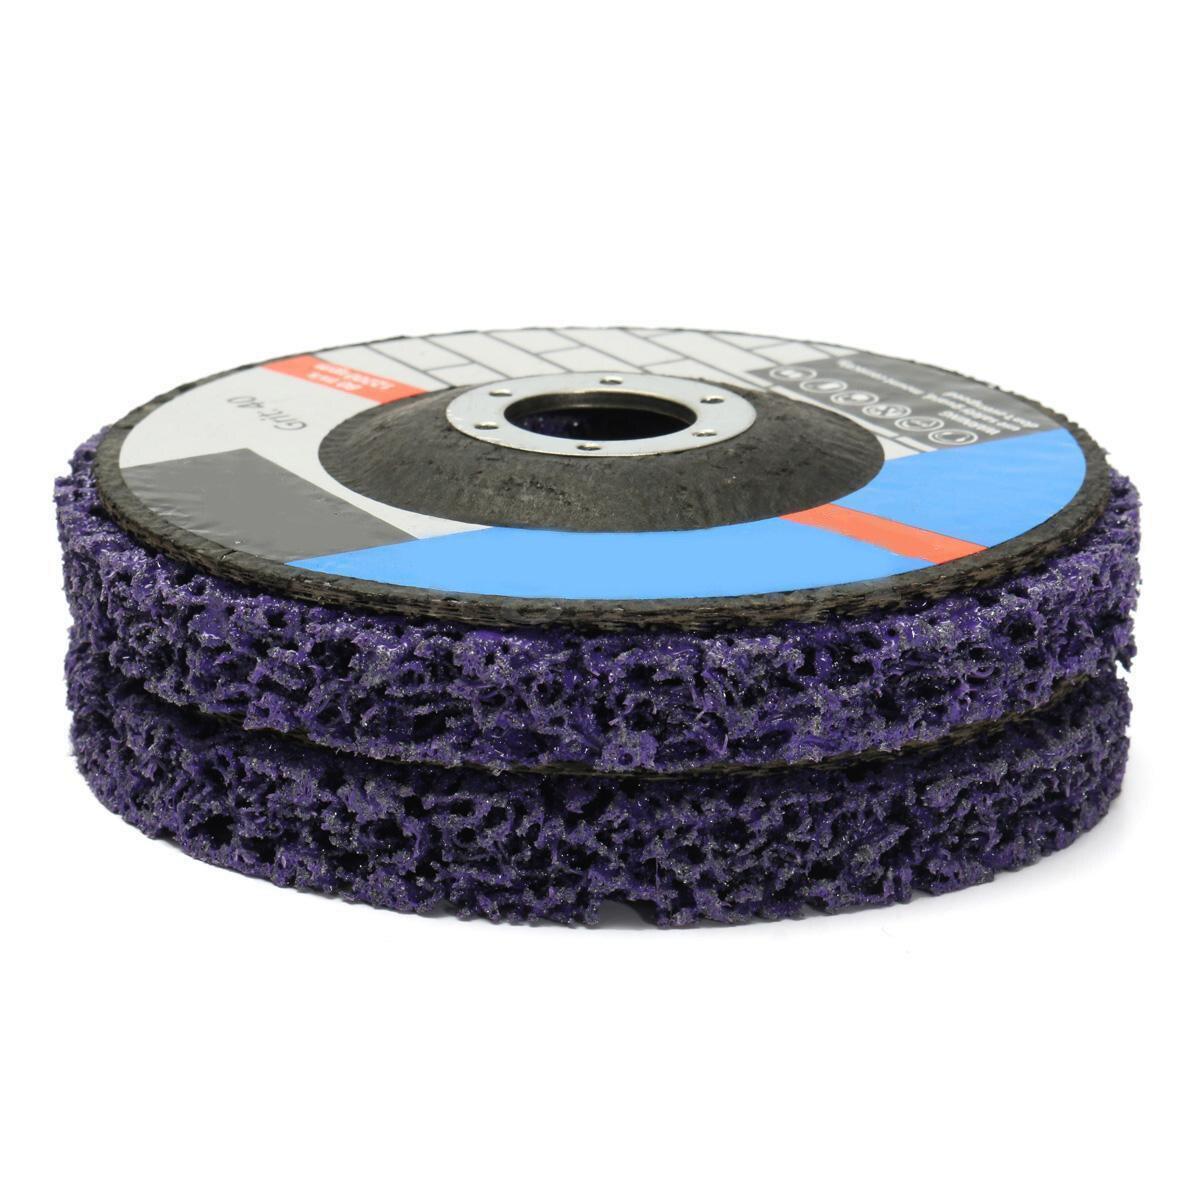 2 stücke 125mm Poly Streifen Disc Schleifscheibe Farbe Rost Removal Clean Mayitr Für Winkelschleifer